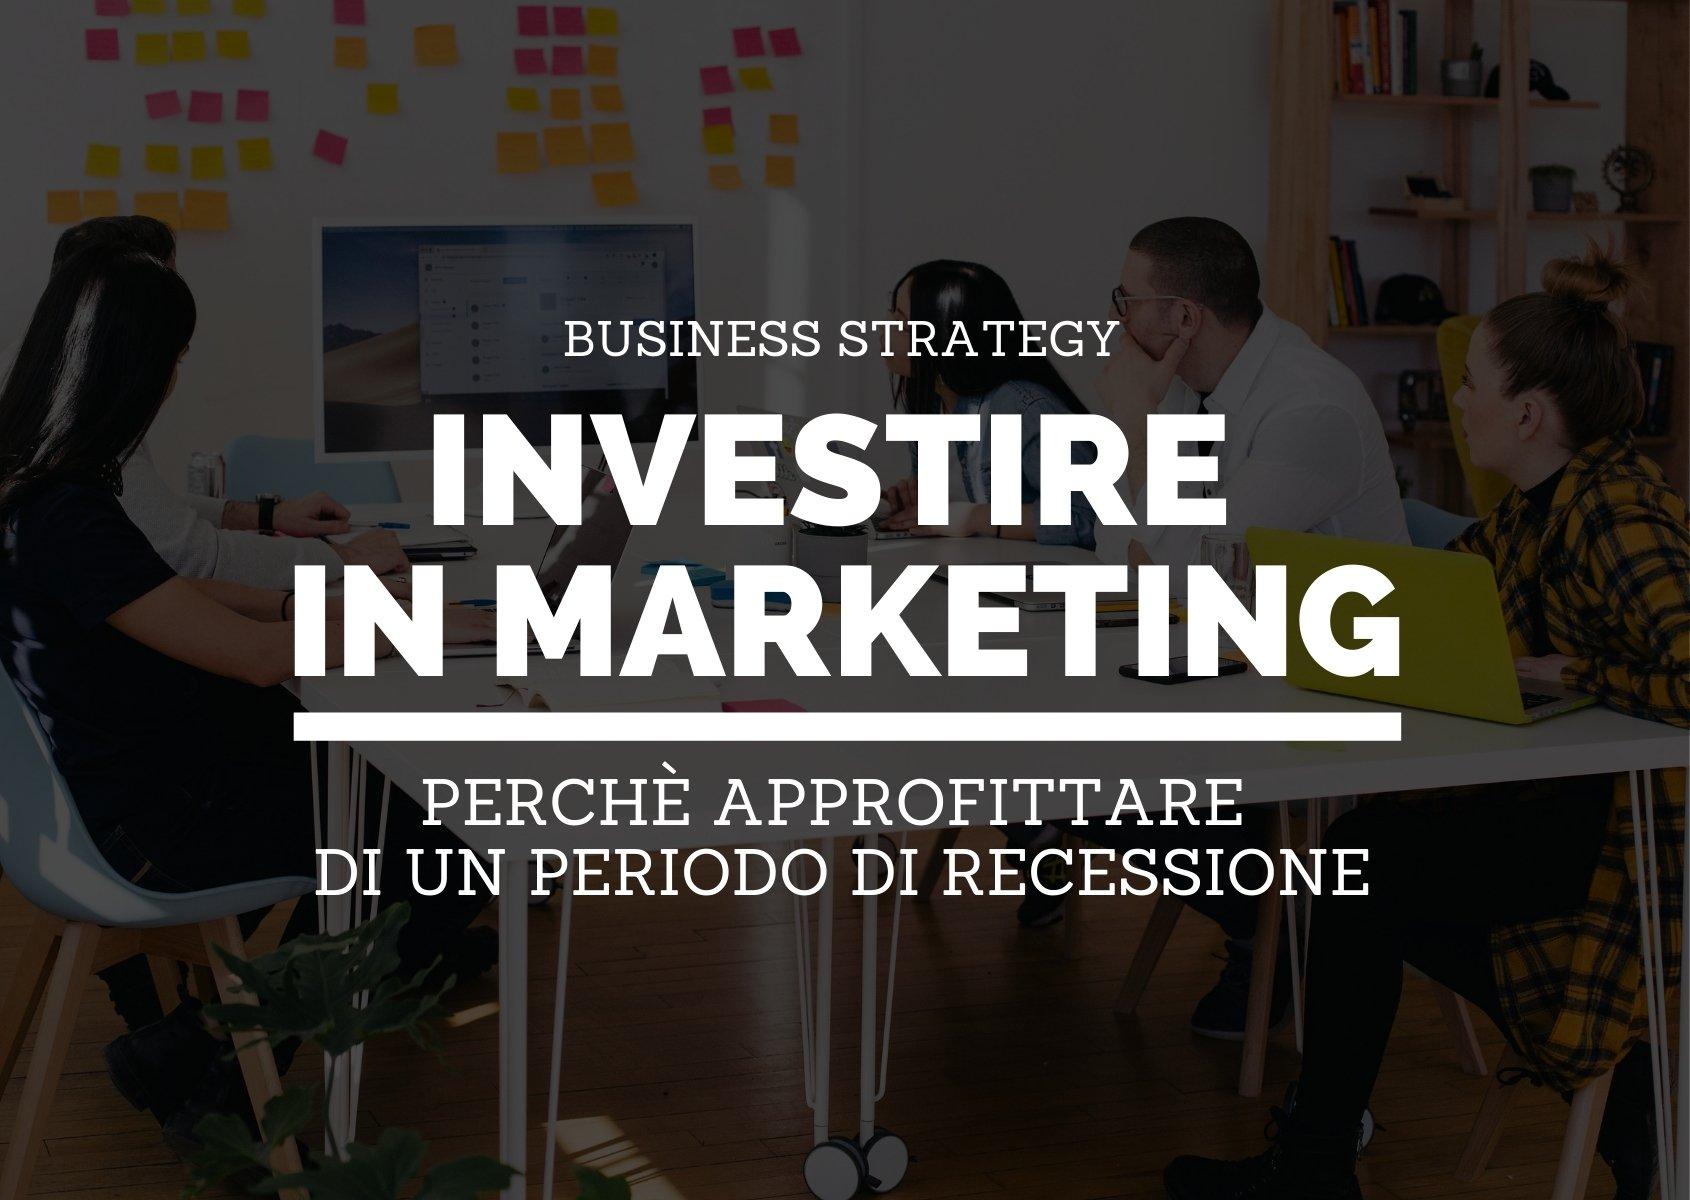 investire-marketing-durante-recessione-11